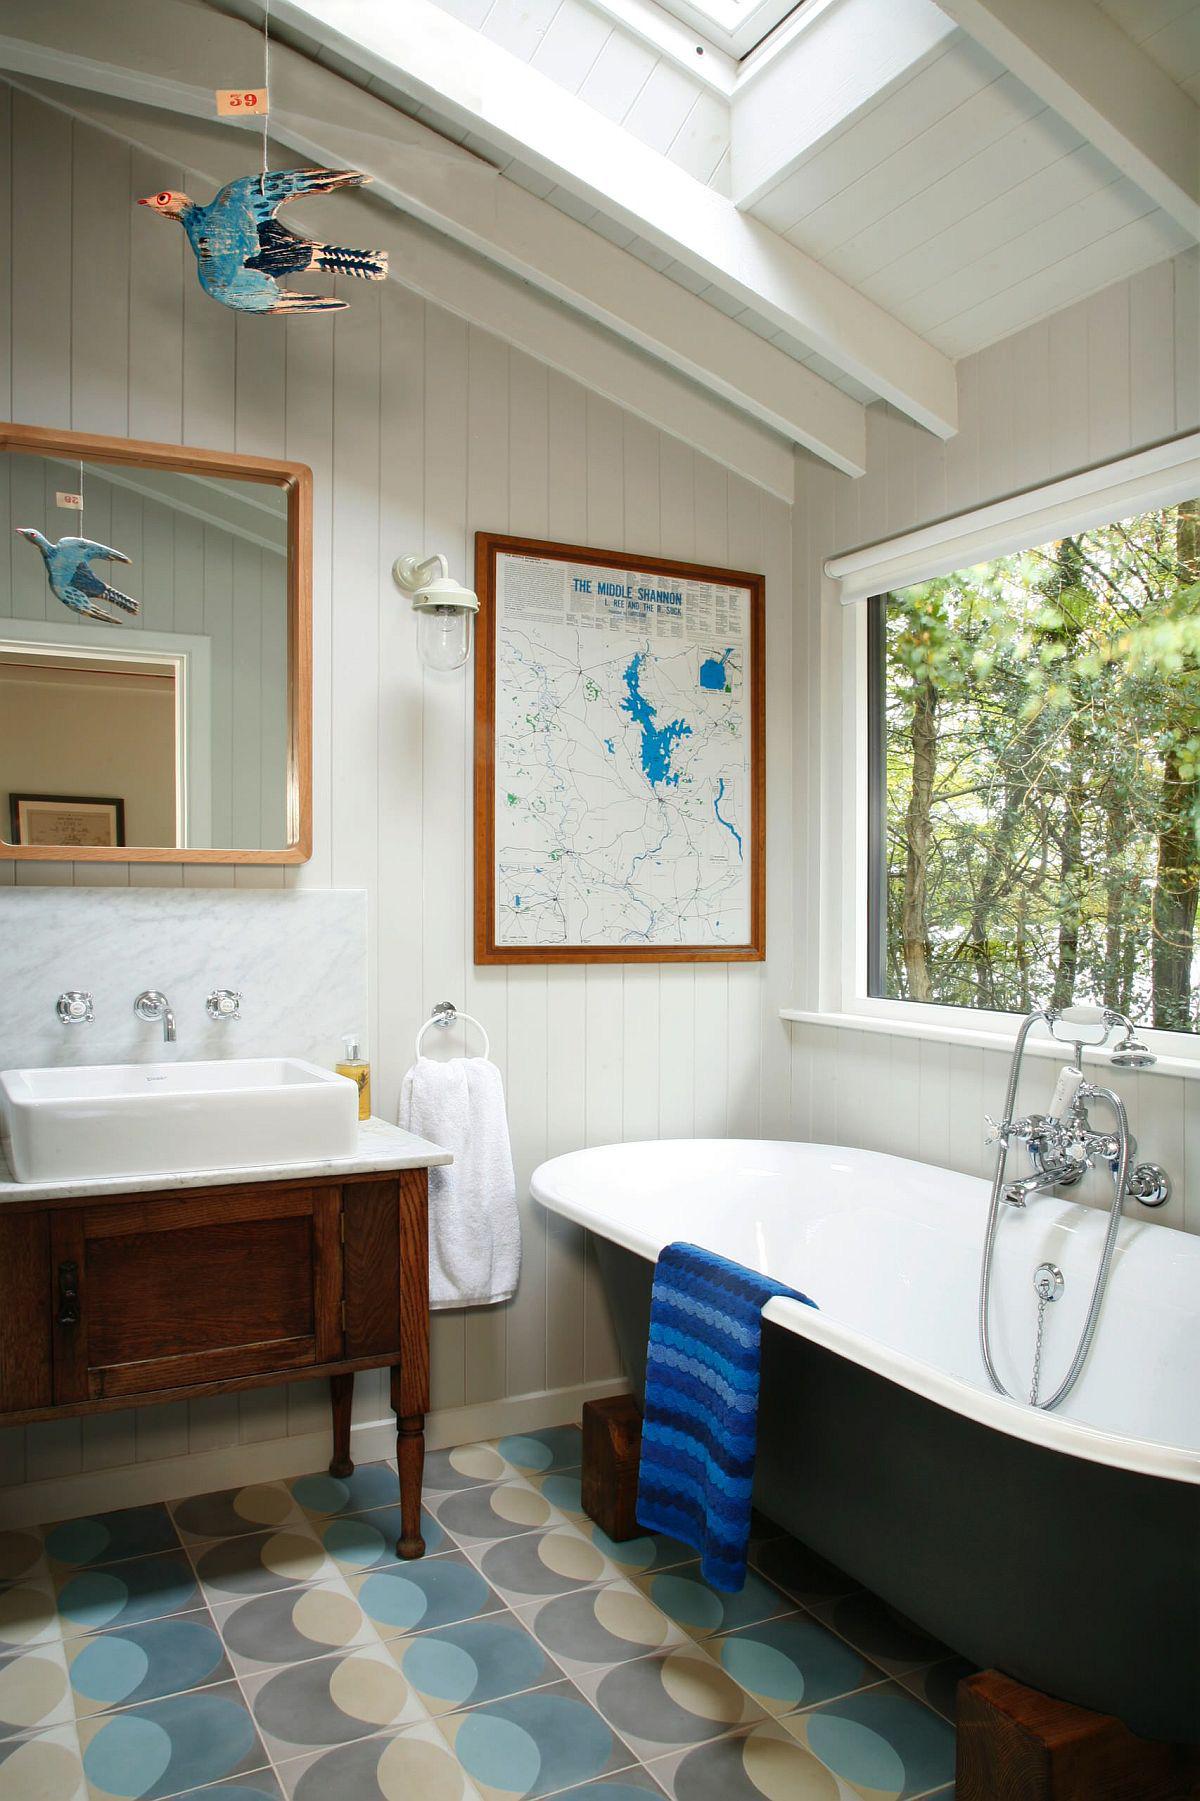 Xu hướng phòng tắm cho năm 2020: 25 ý tưởng và cảm hứng cho năm mới - Ảnh 3.